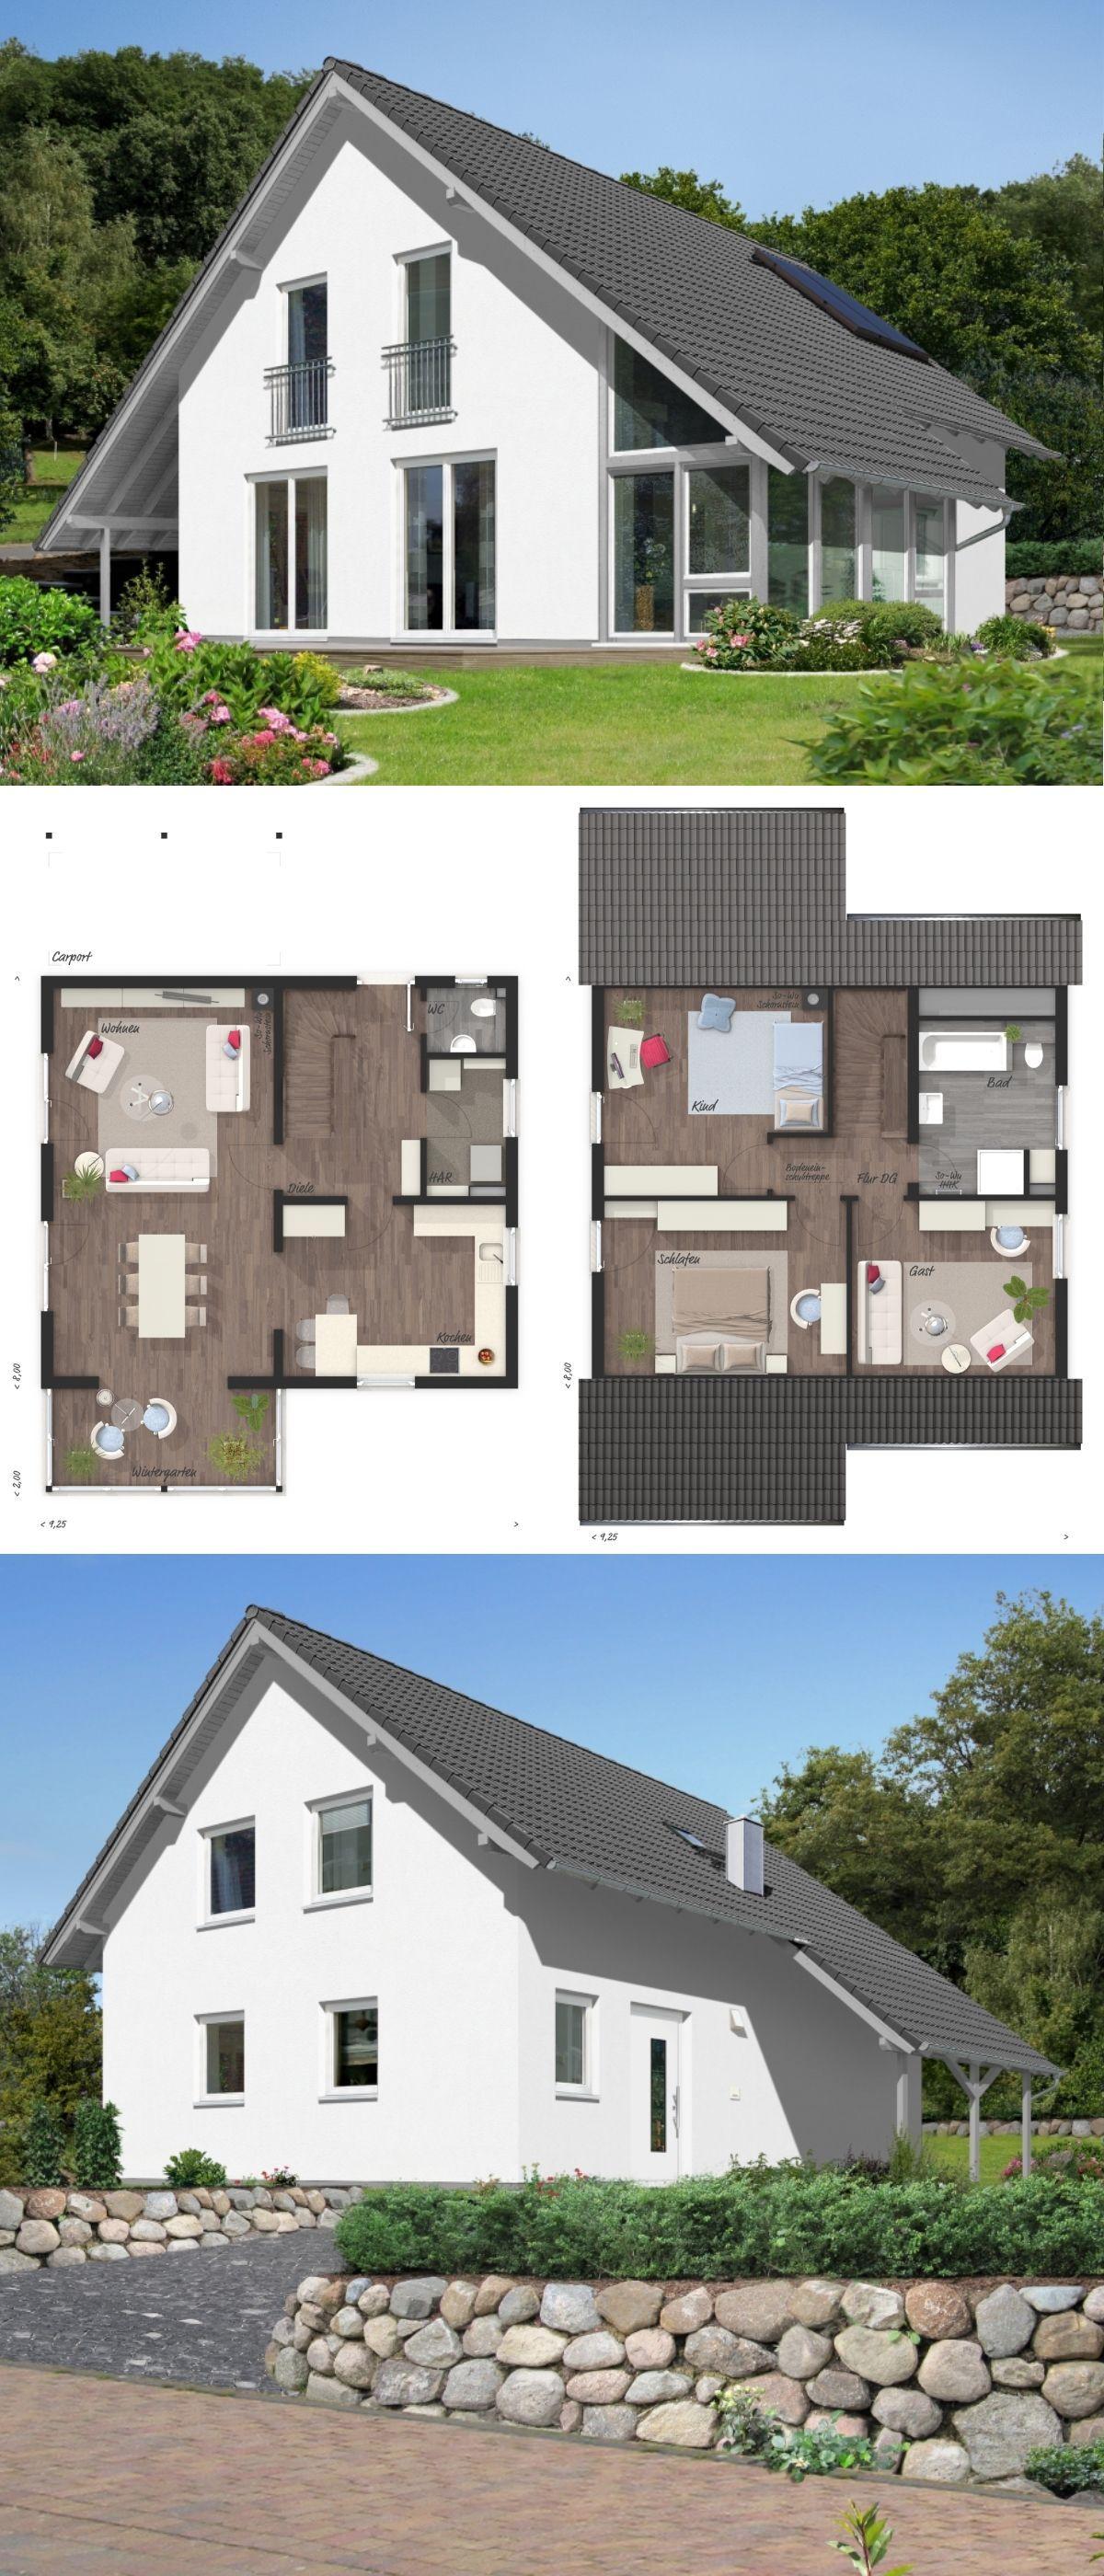 Modernes Massivhaus Schlusselfertig Grundriss Mit 4 Zimmer